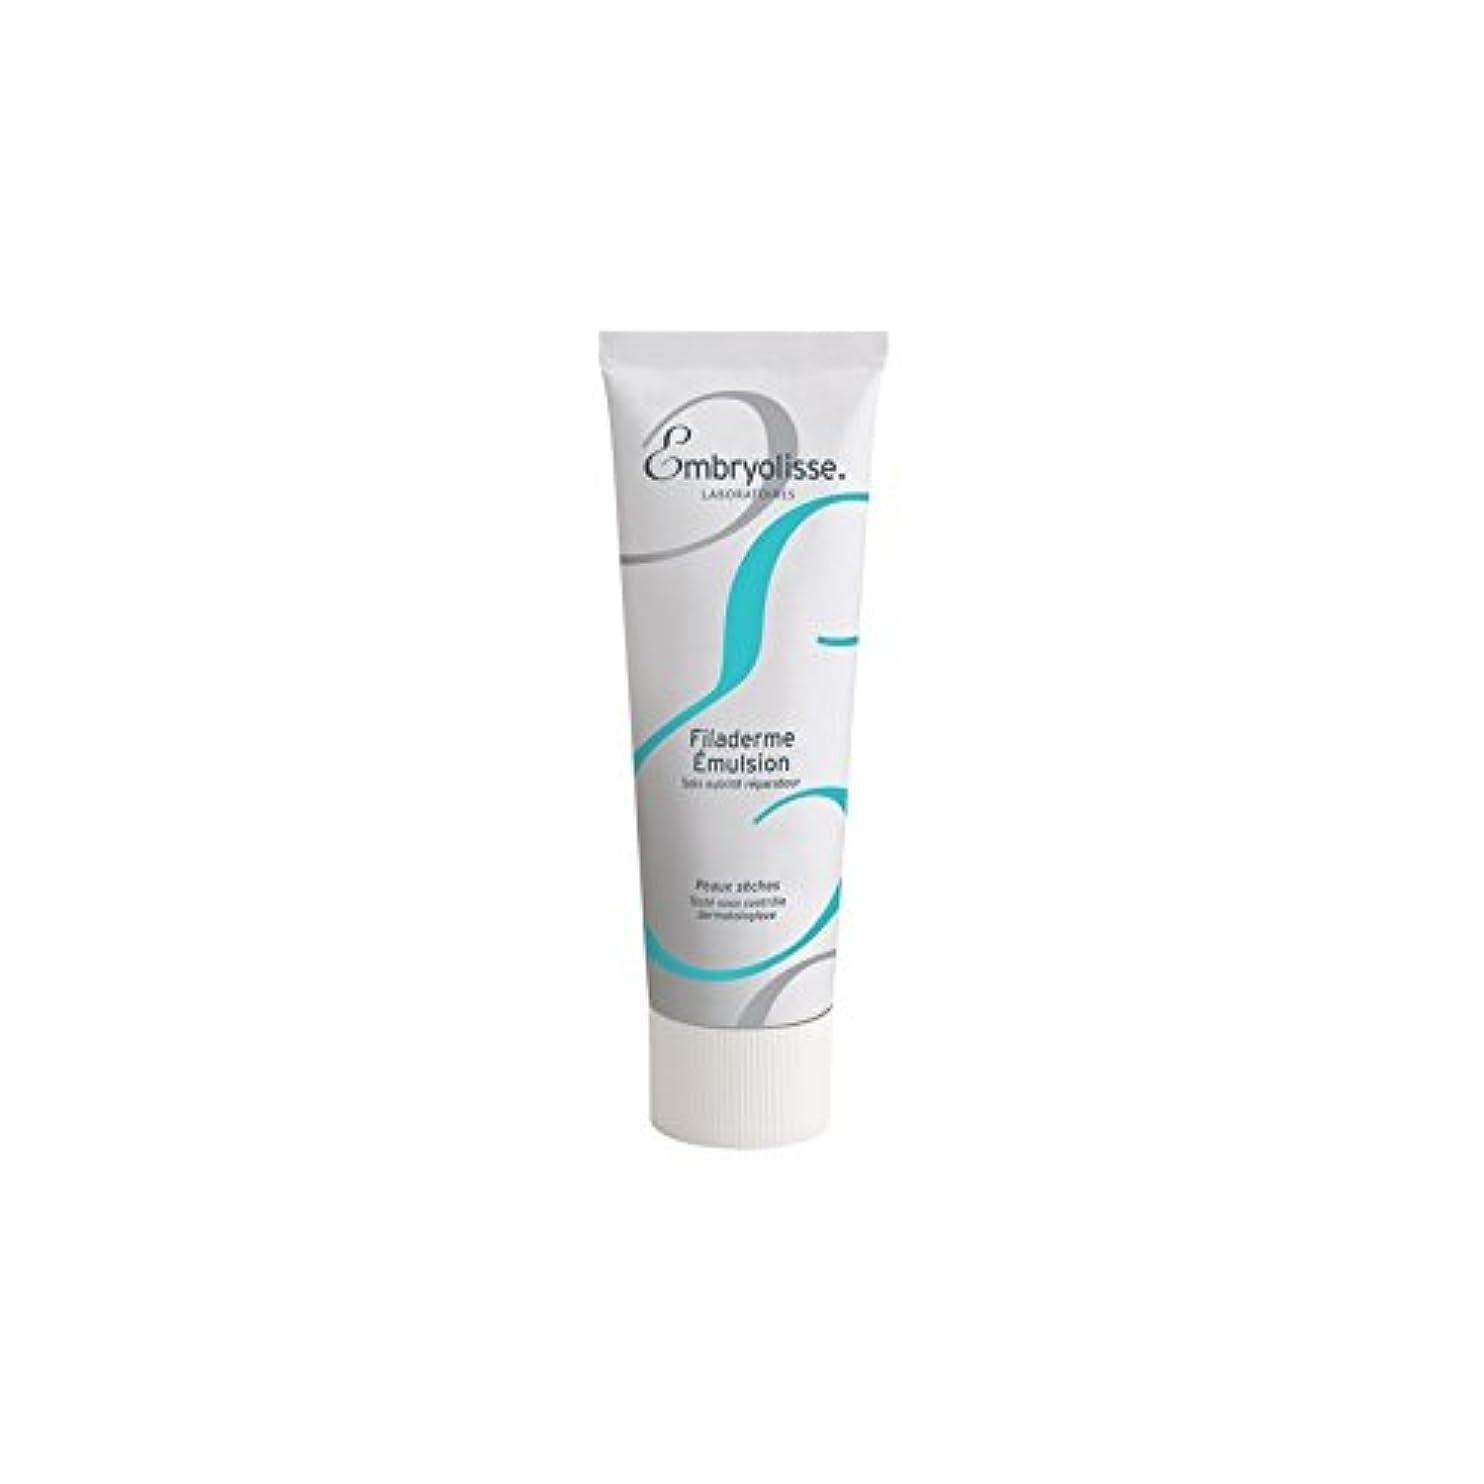 キャンペーンビジネス特派員エマルジョン(75ミリリットル) x4 - Embryolisse Filaderme Emulsion (75ml) (Pack of 4) [並行輸入品]